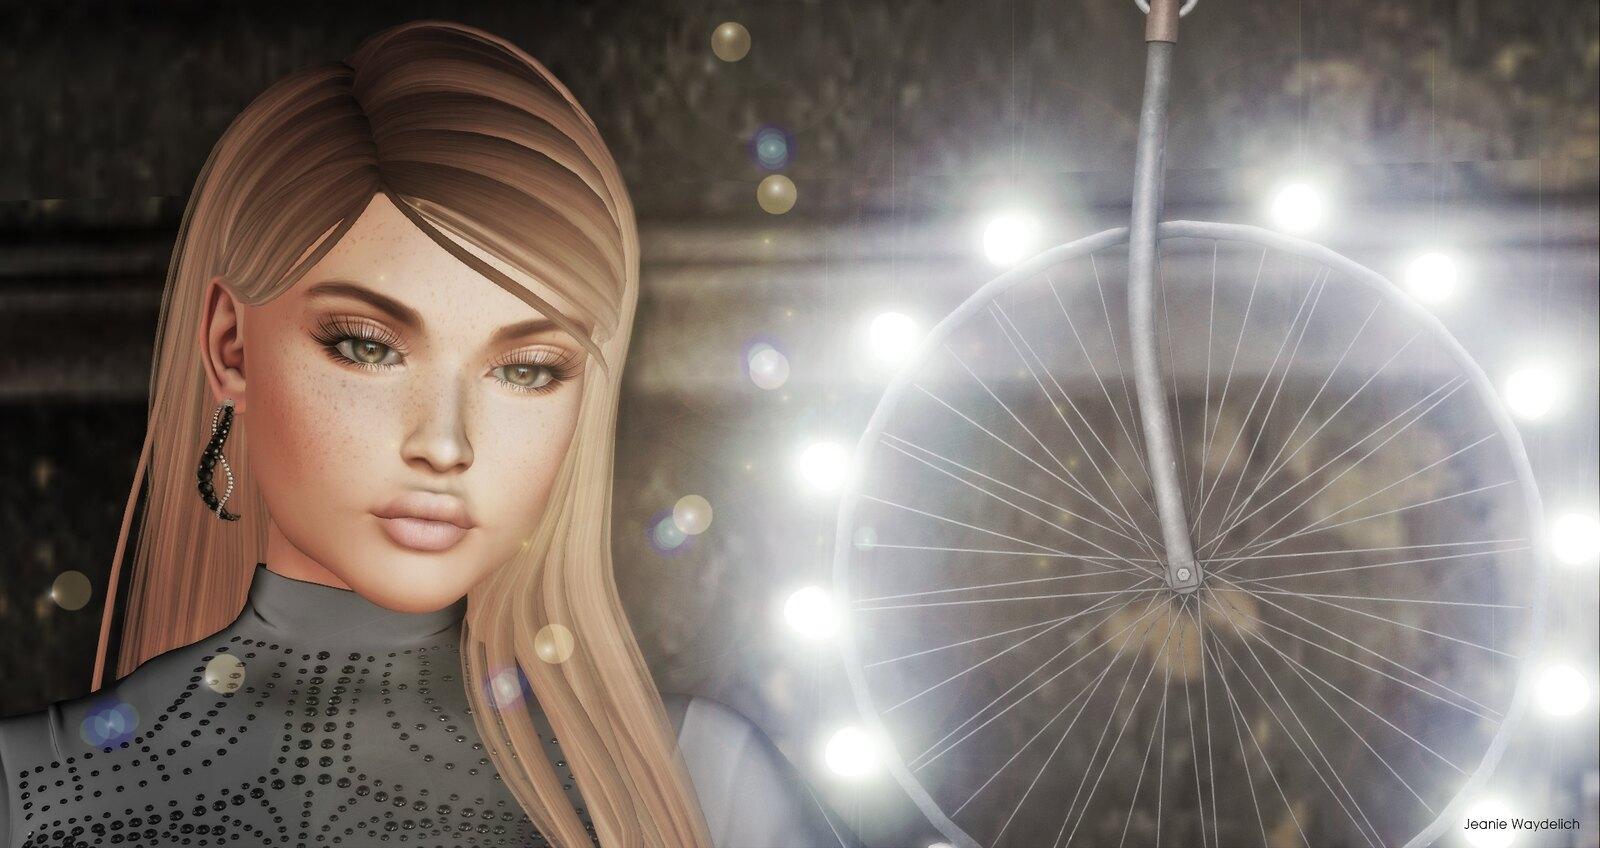 LOTD 839 - Bright as a diamond